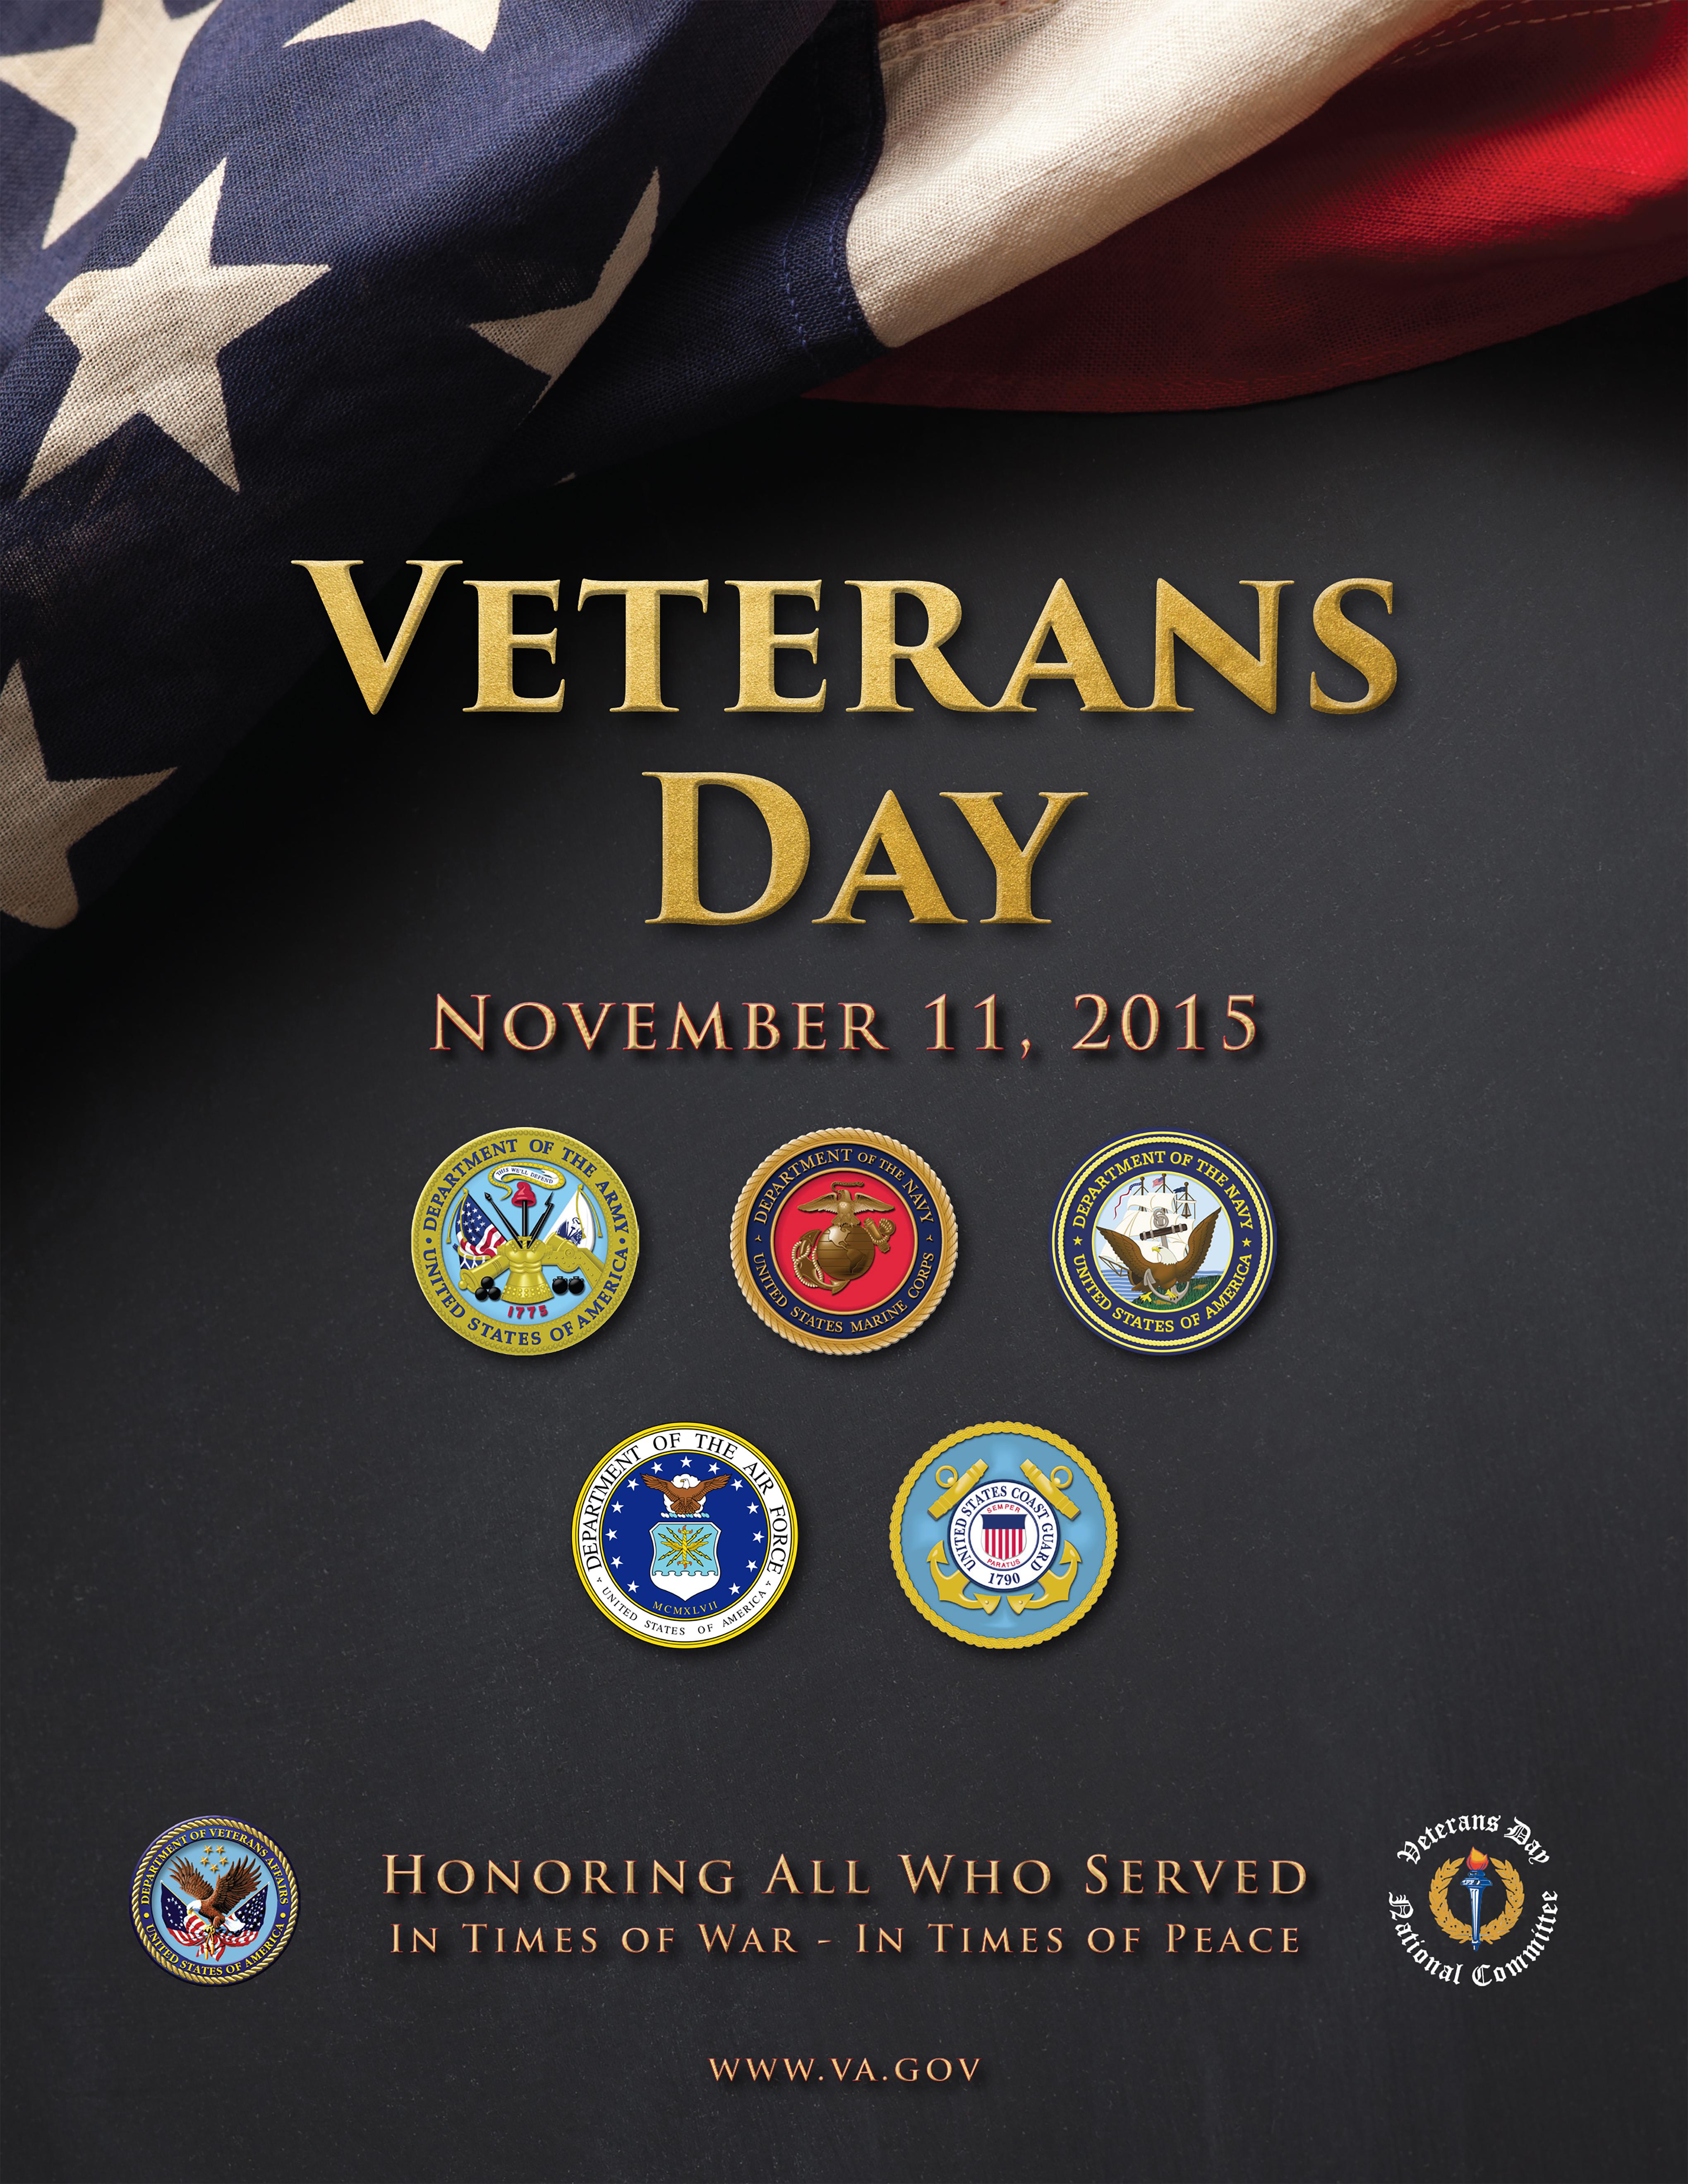 VA-dot-gov_Veterans Day 2015